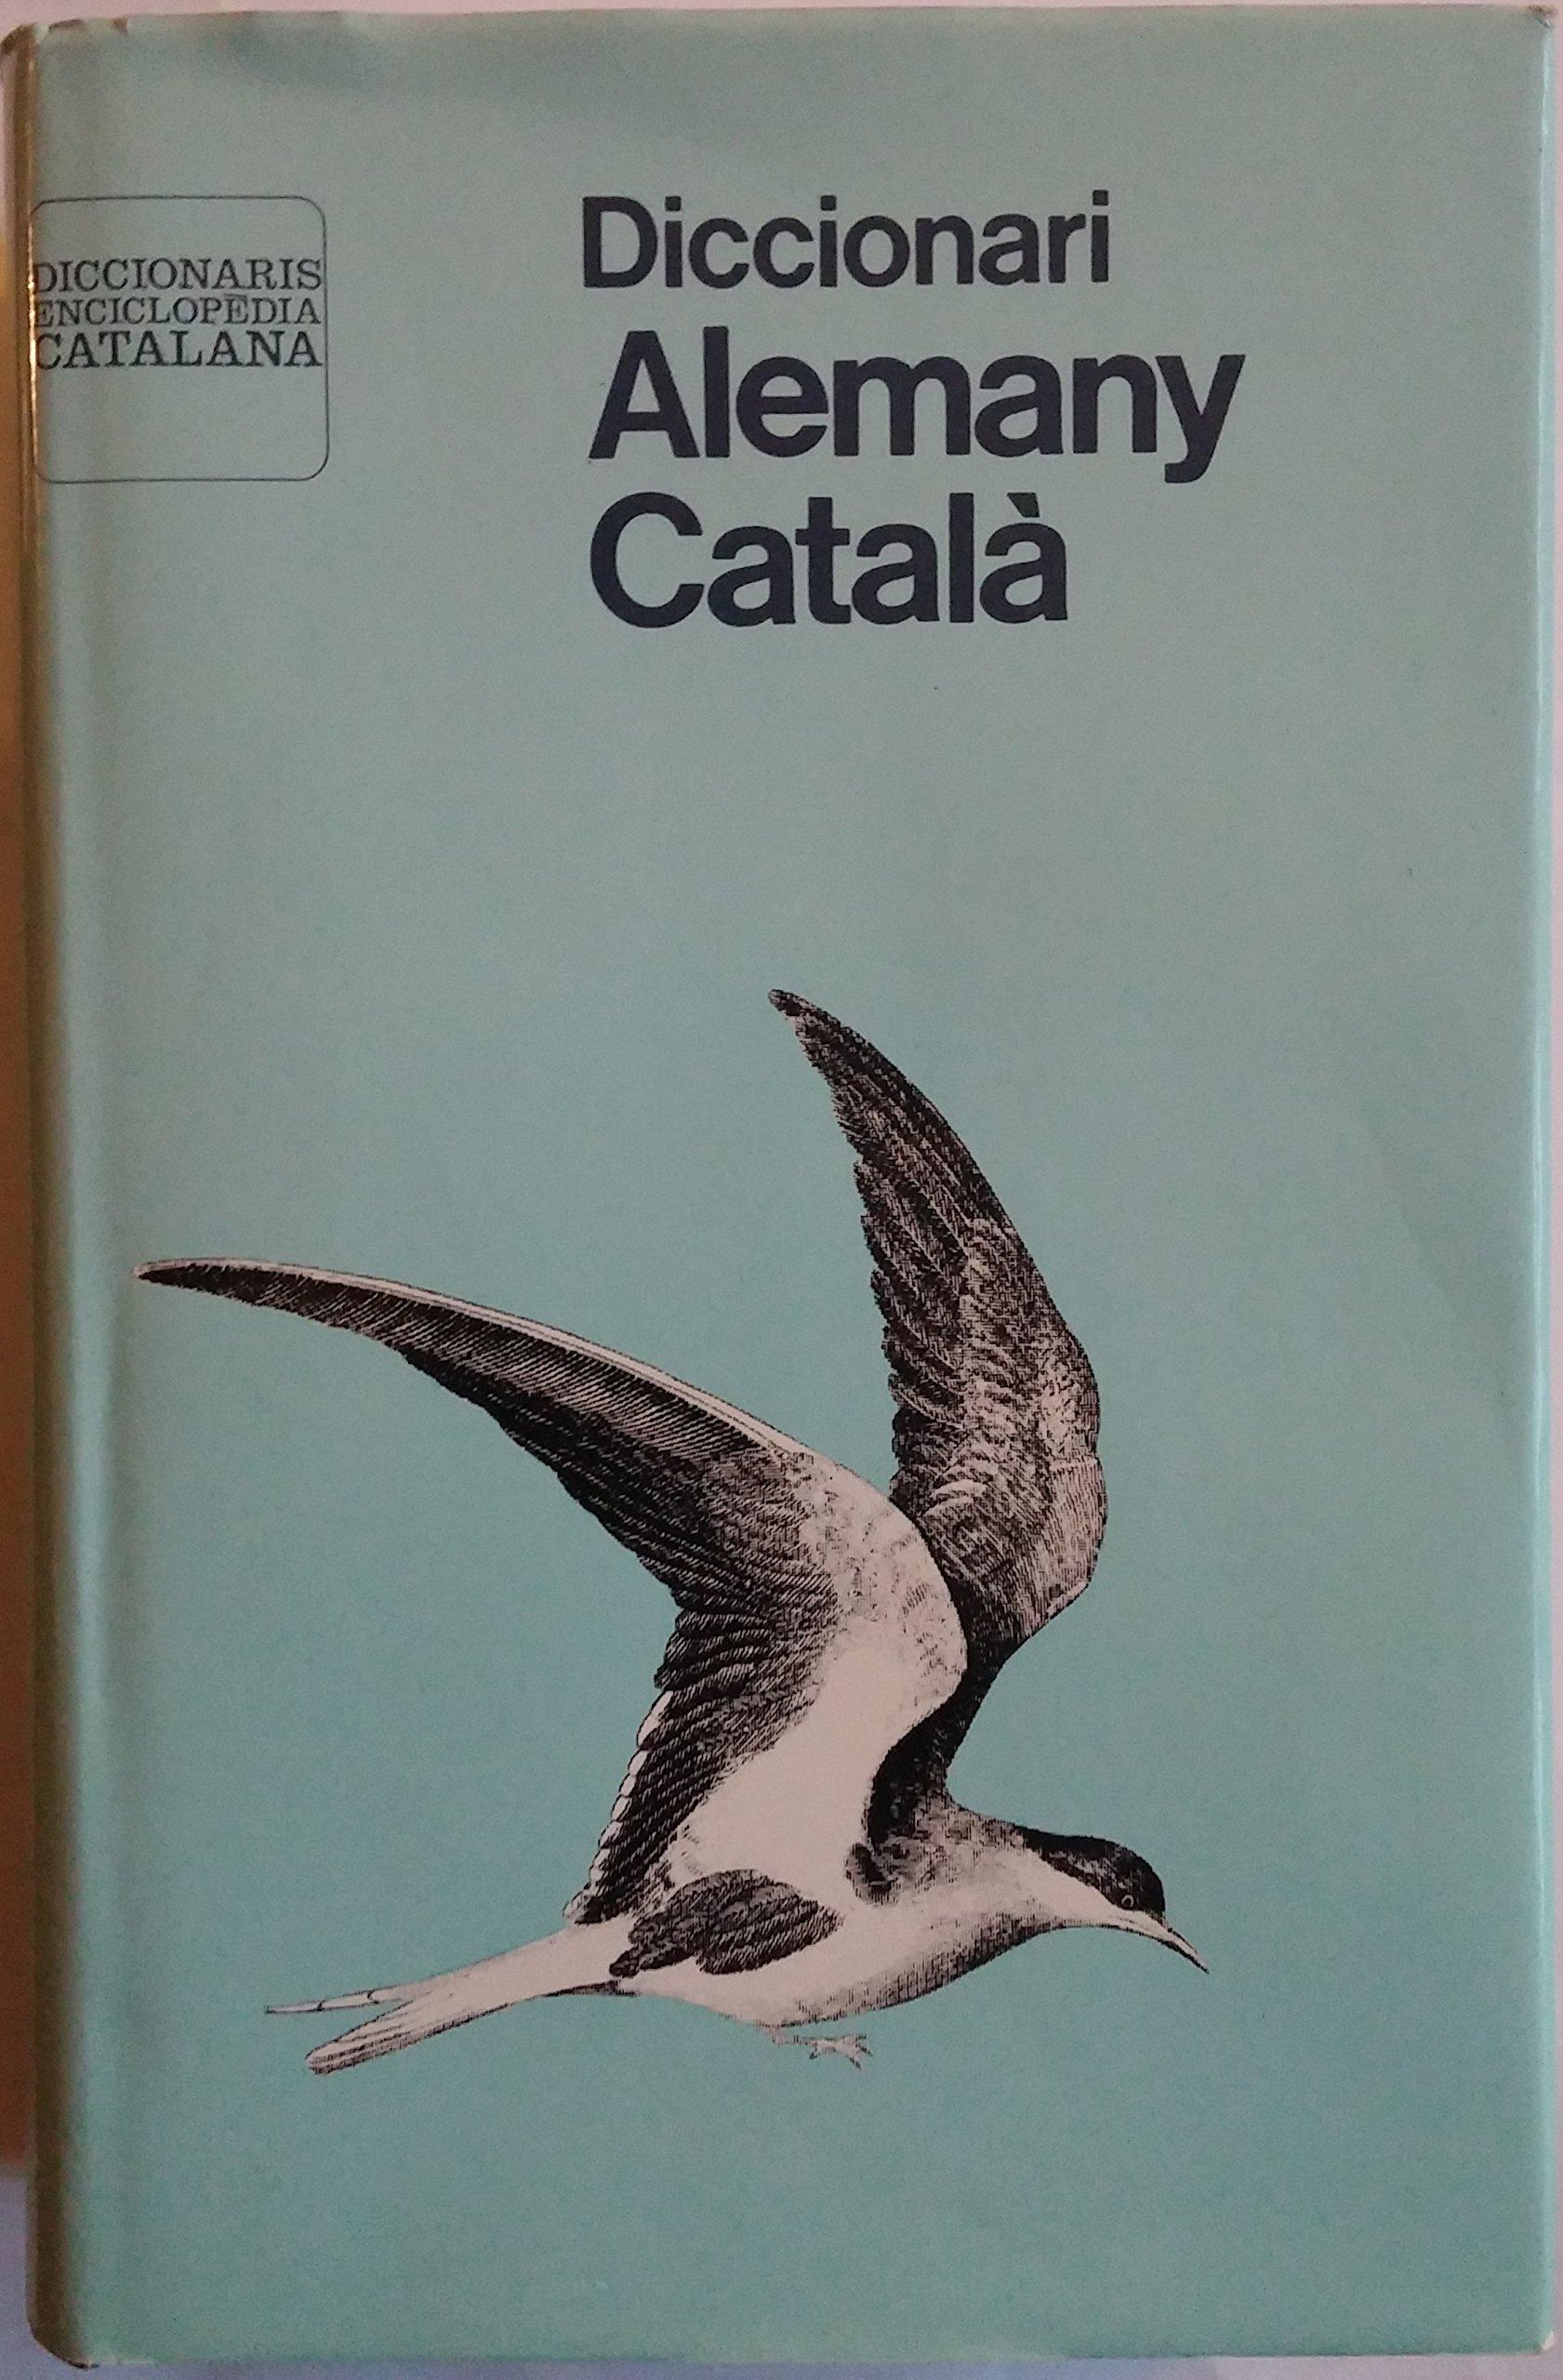 diccionari alemany catala